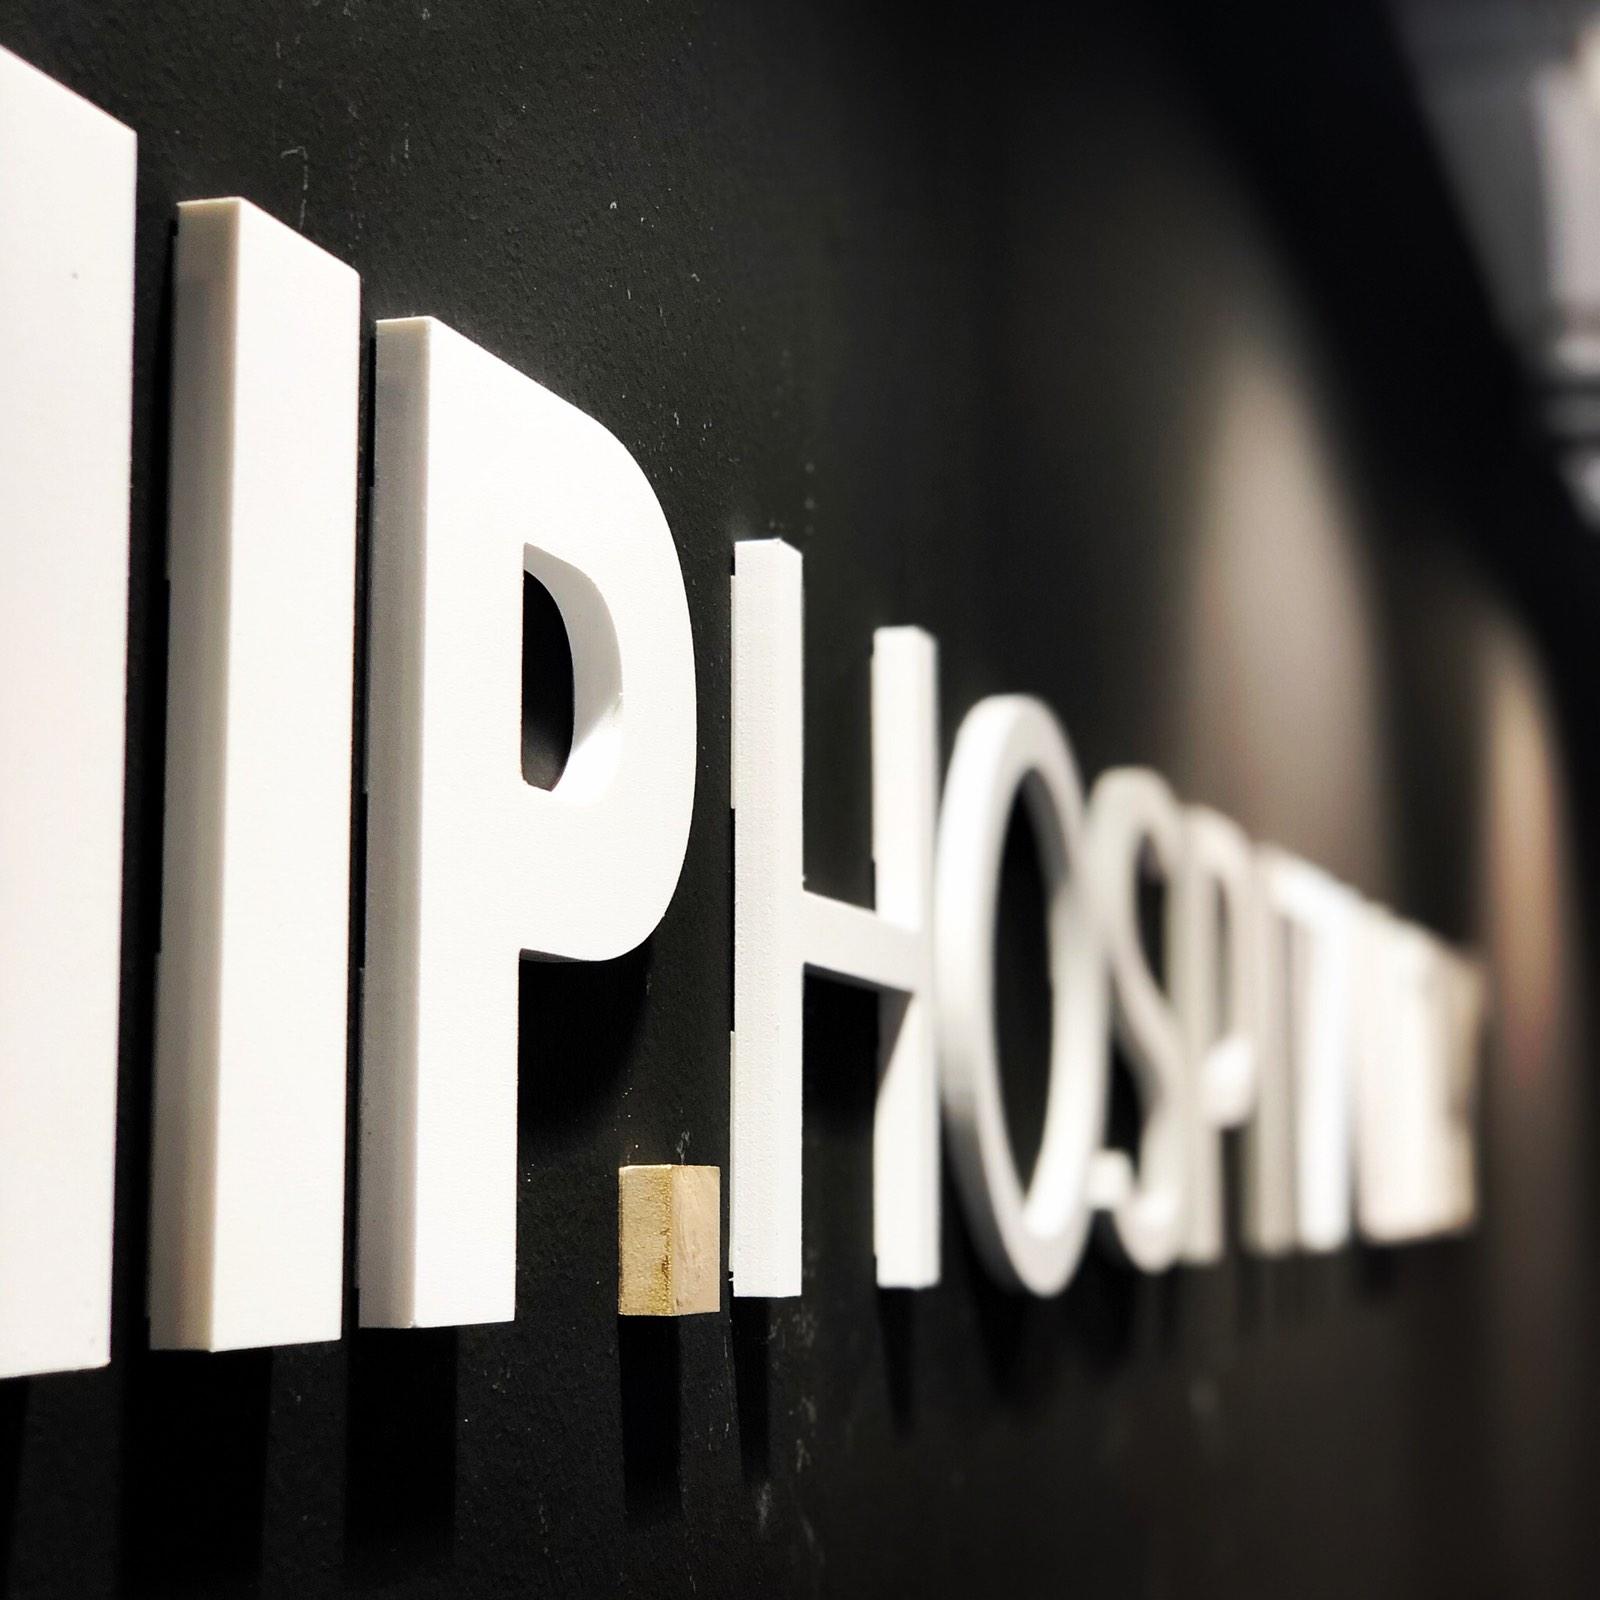 fotocopy-glyfada-plexiglass